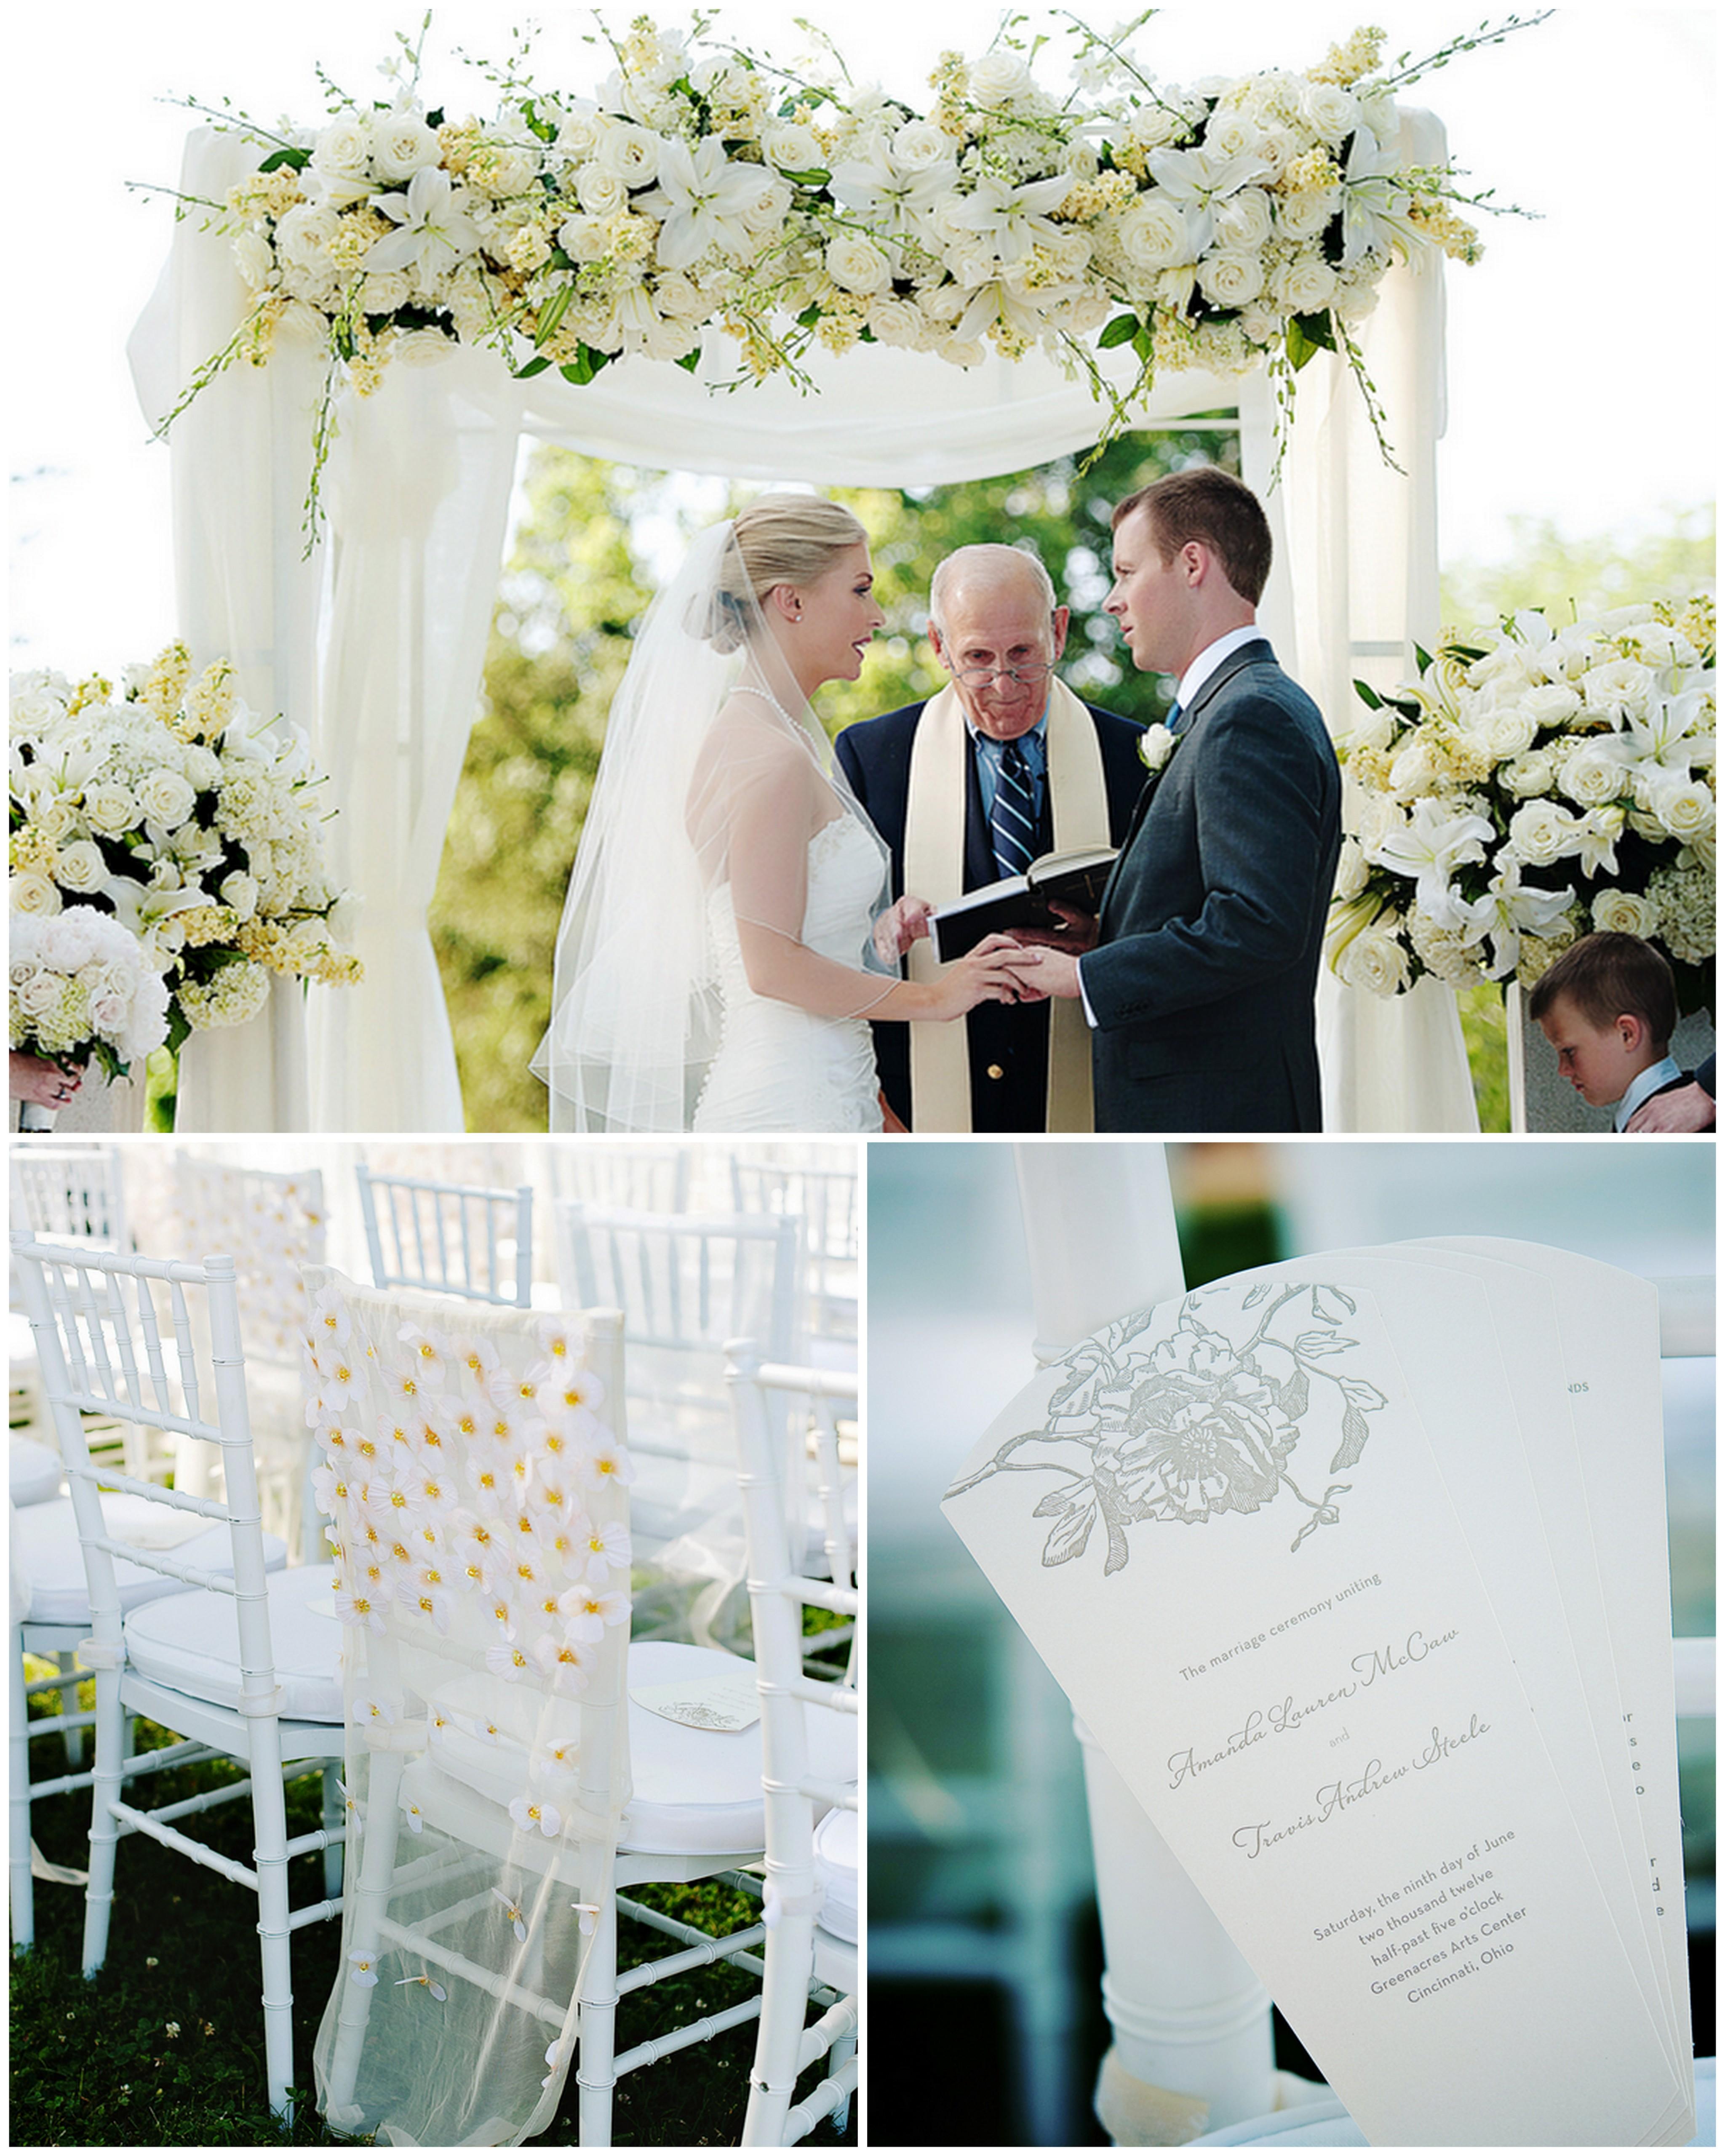 Glamorous Sophistication at Greenacres...in Inside Weddings! Viva ...